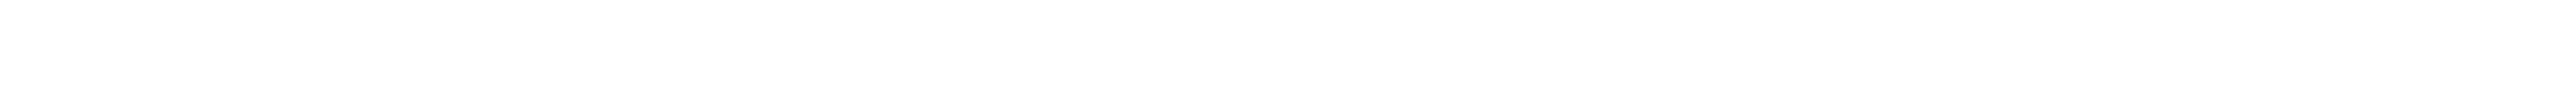 תחתיות לסירים - דוגמא - אמנות יודאיקה ייחודית